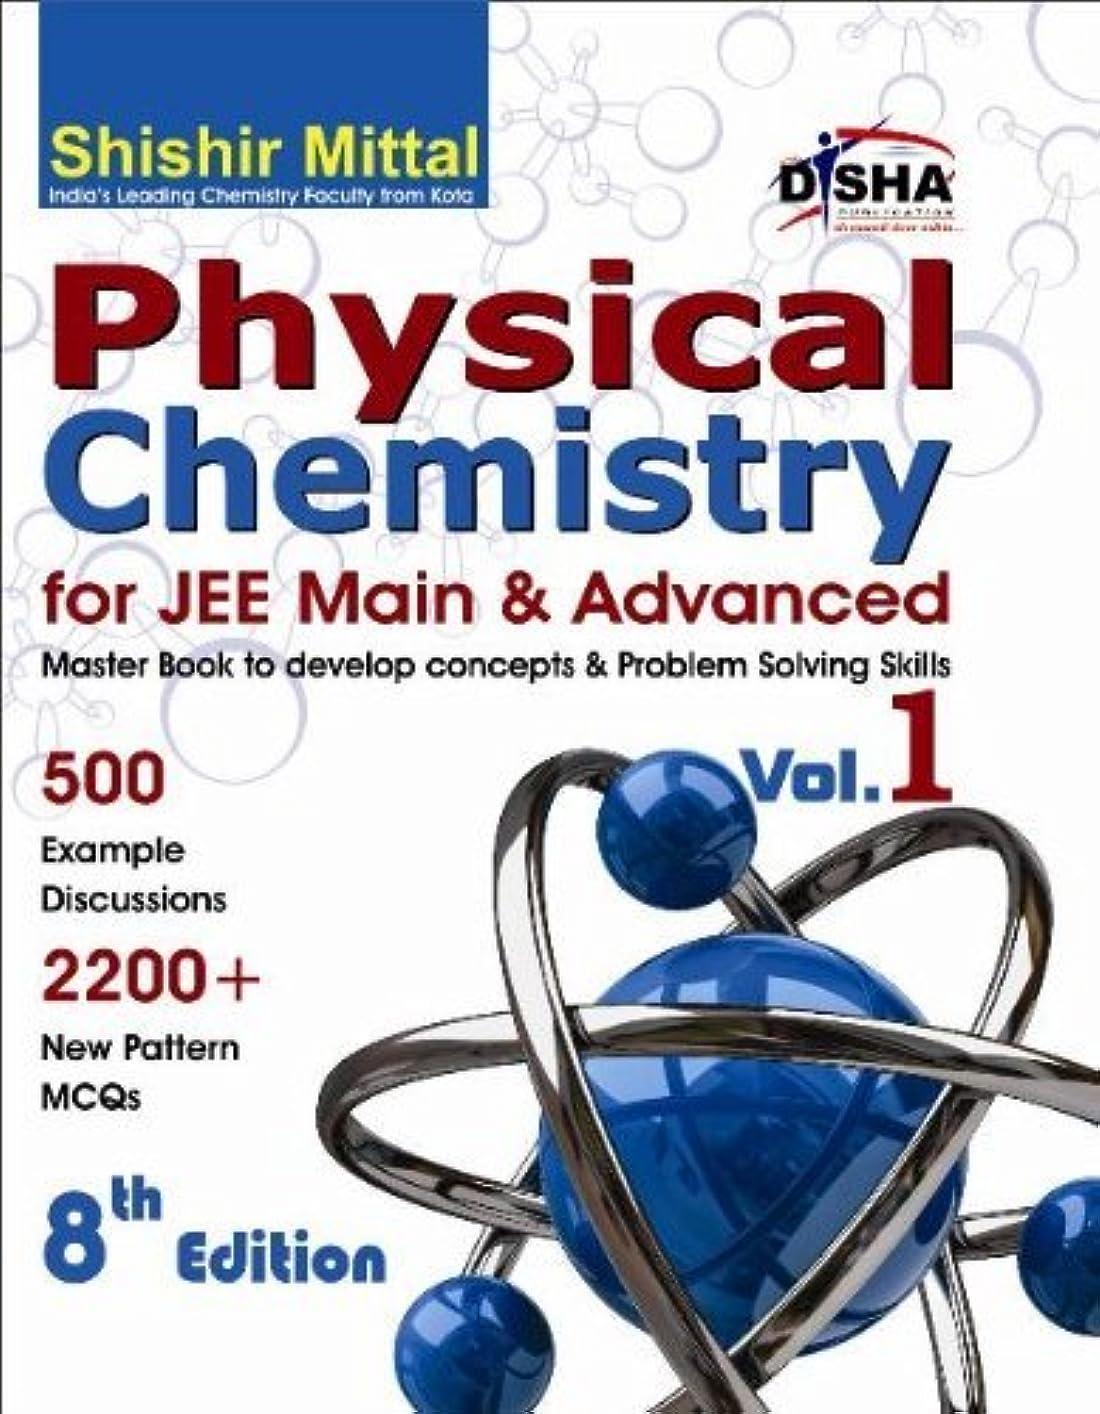 航空会社アテンダント海峡ひもNew Pattern Physical Chemistry Vol. 1 for JEE Main & JEE Advanced 8th edition (English Edition)